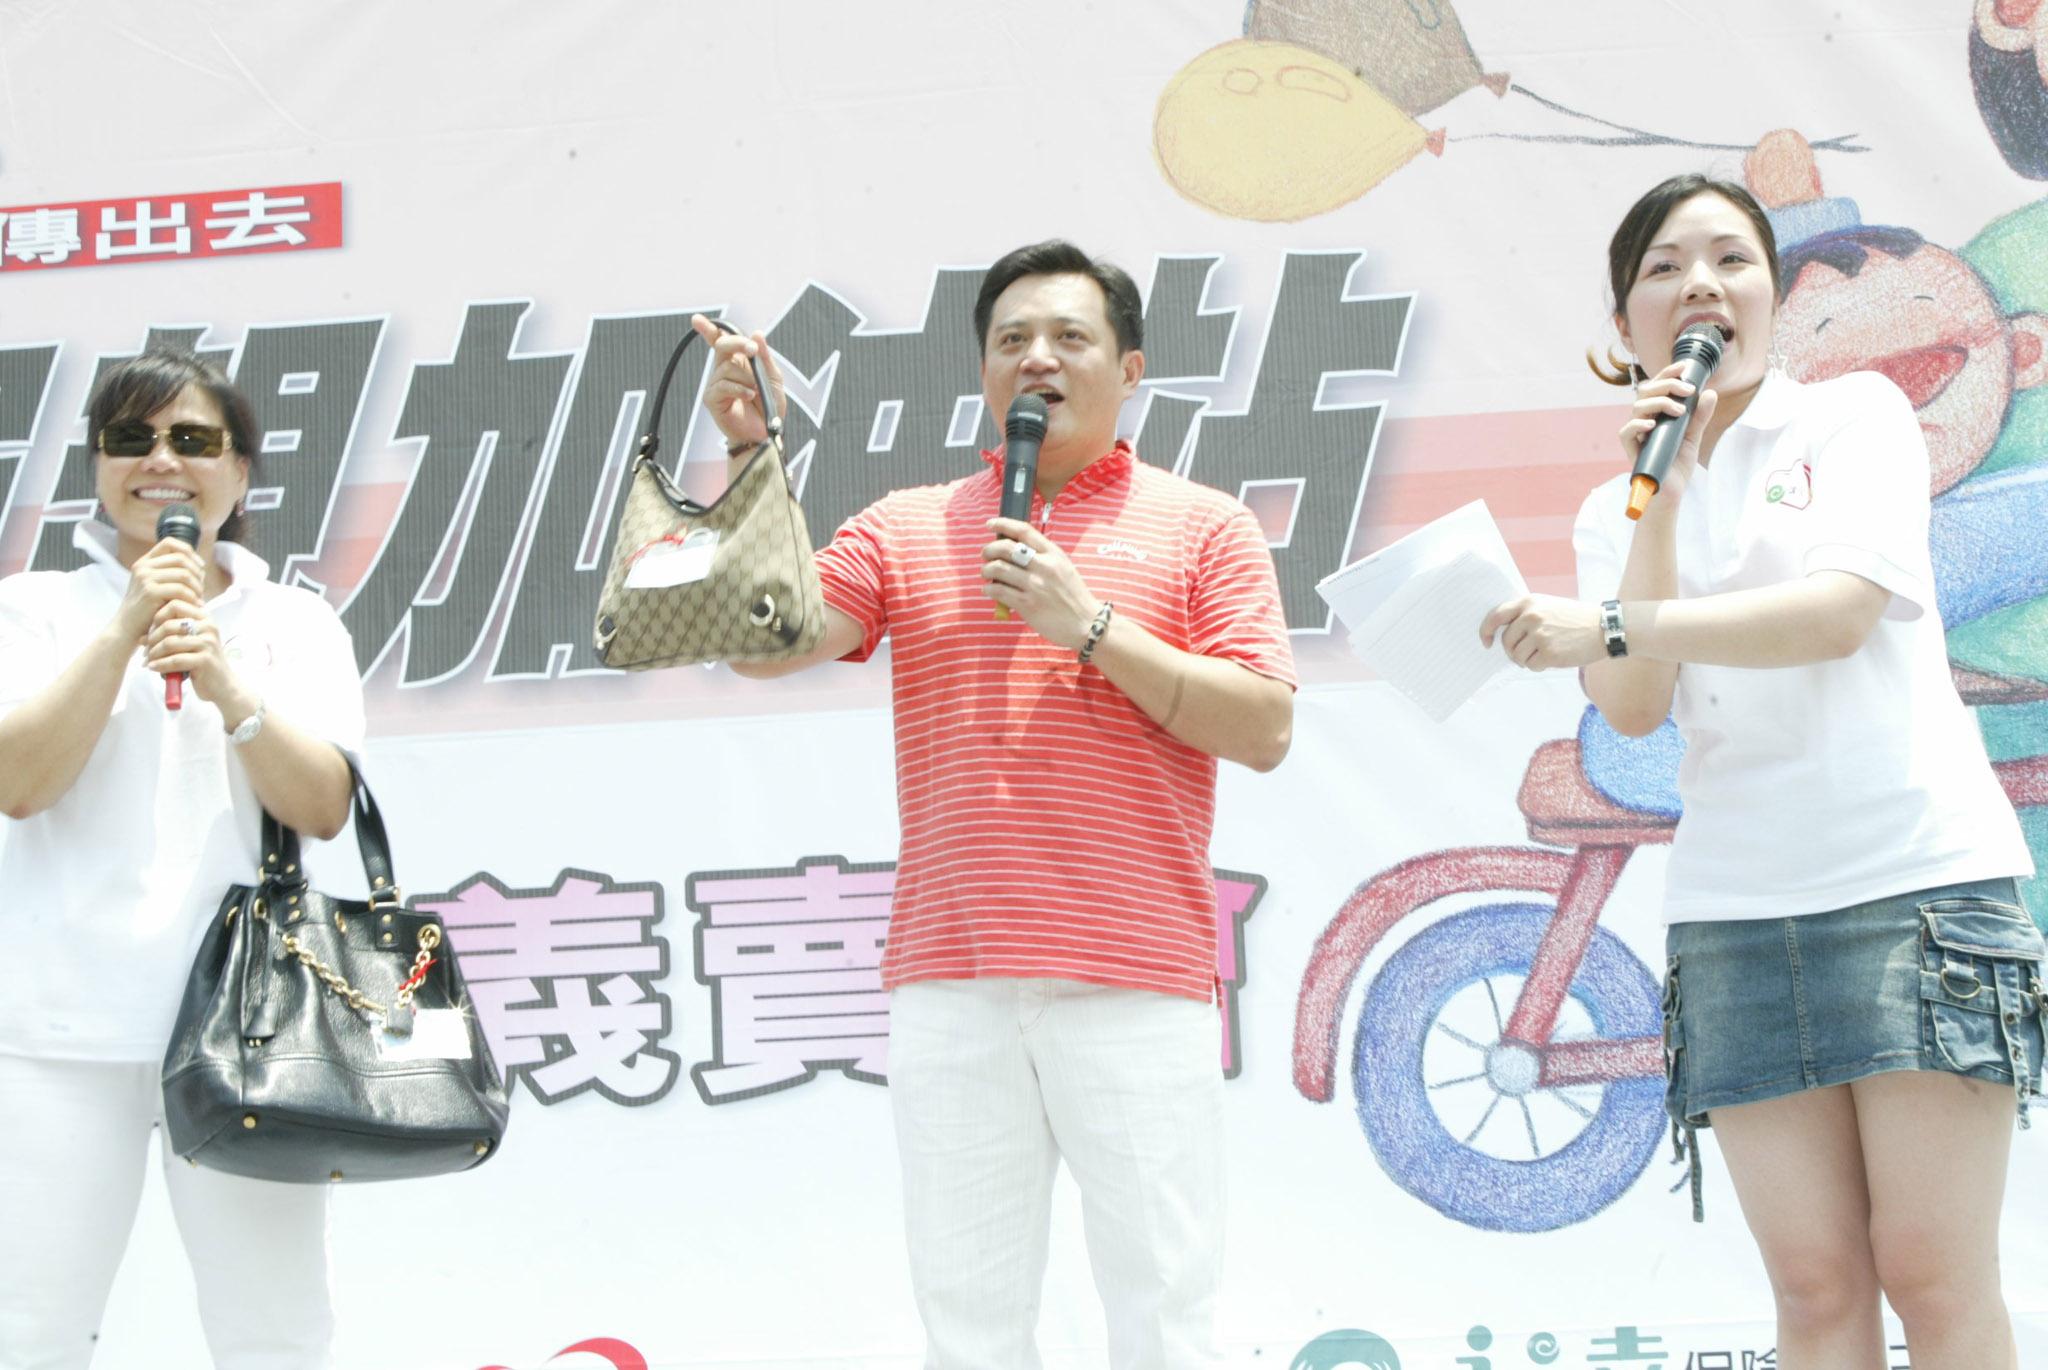 藝人王彩樺也捐出名牌二手包由老公黃品文至現場義賣(2)。